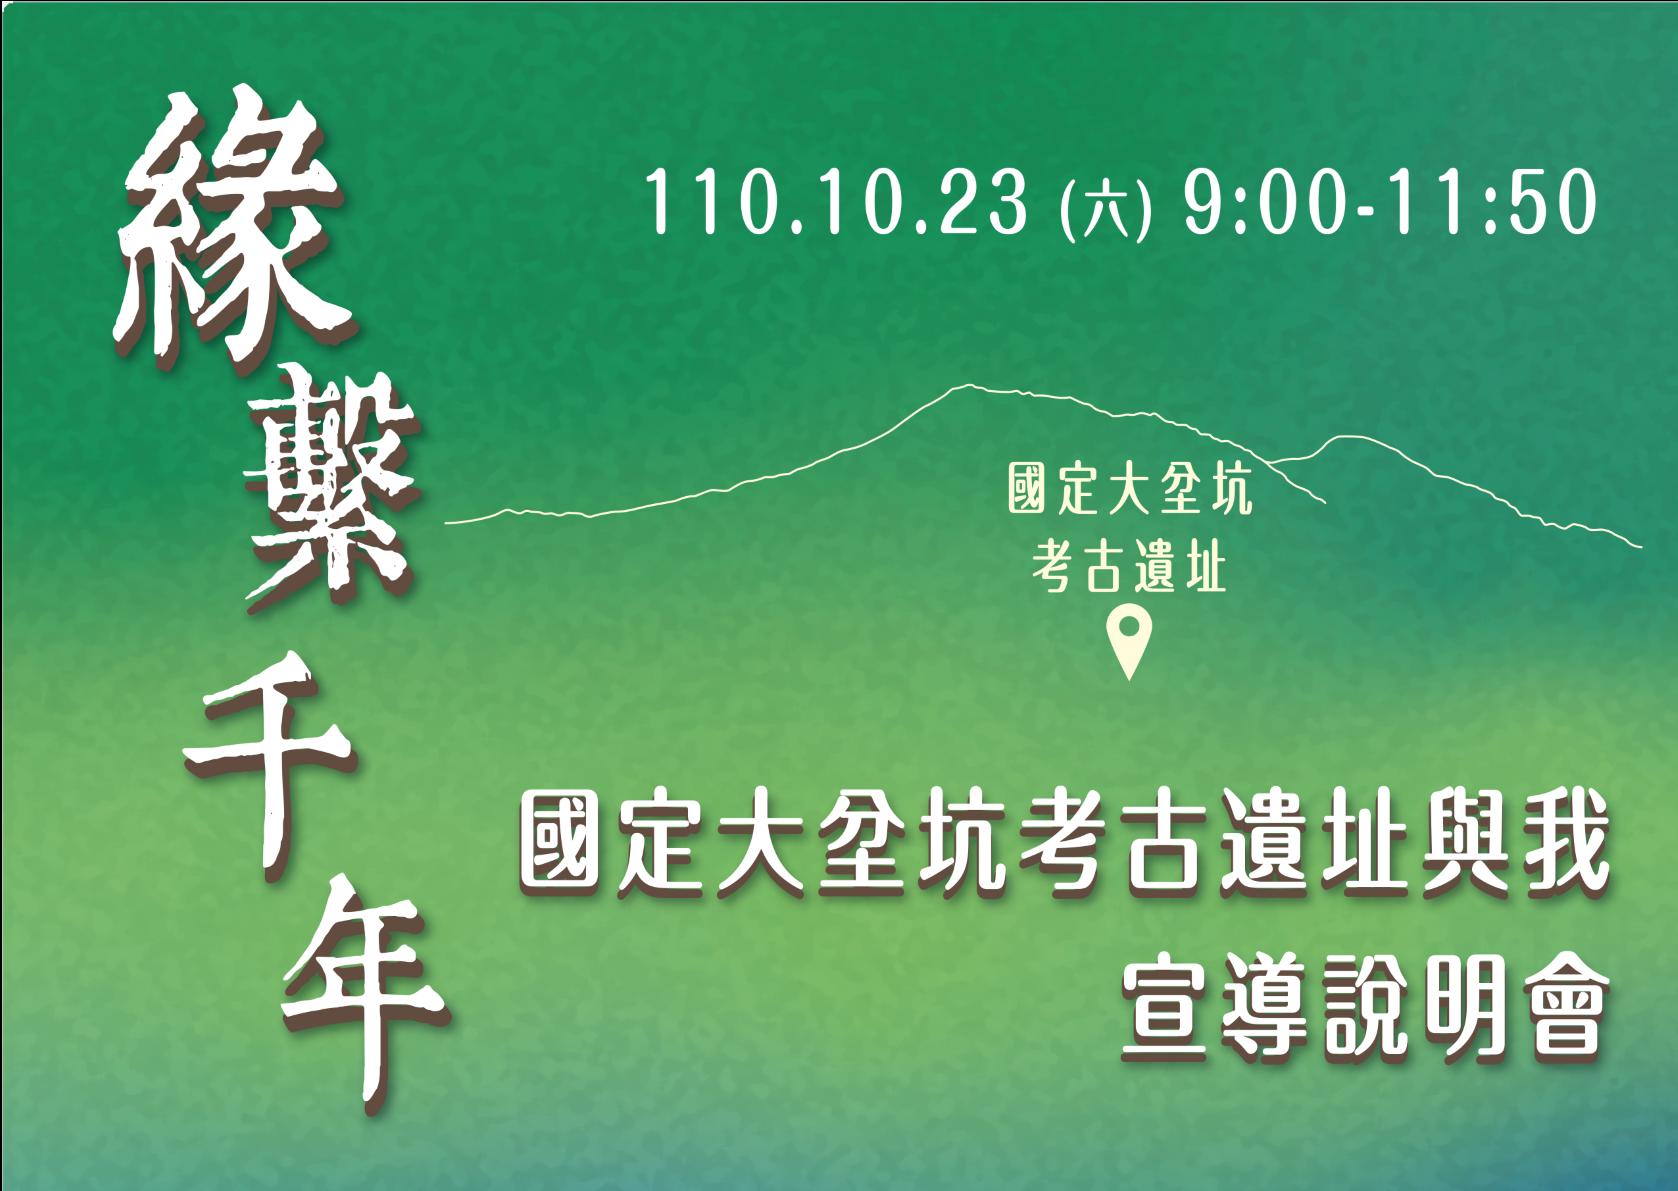 【熱烈報名中】「緣繫千年:國定大坌坑考古遺址與我」說明會